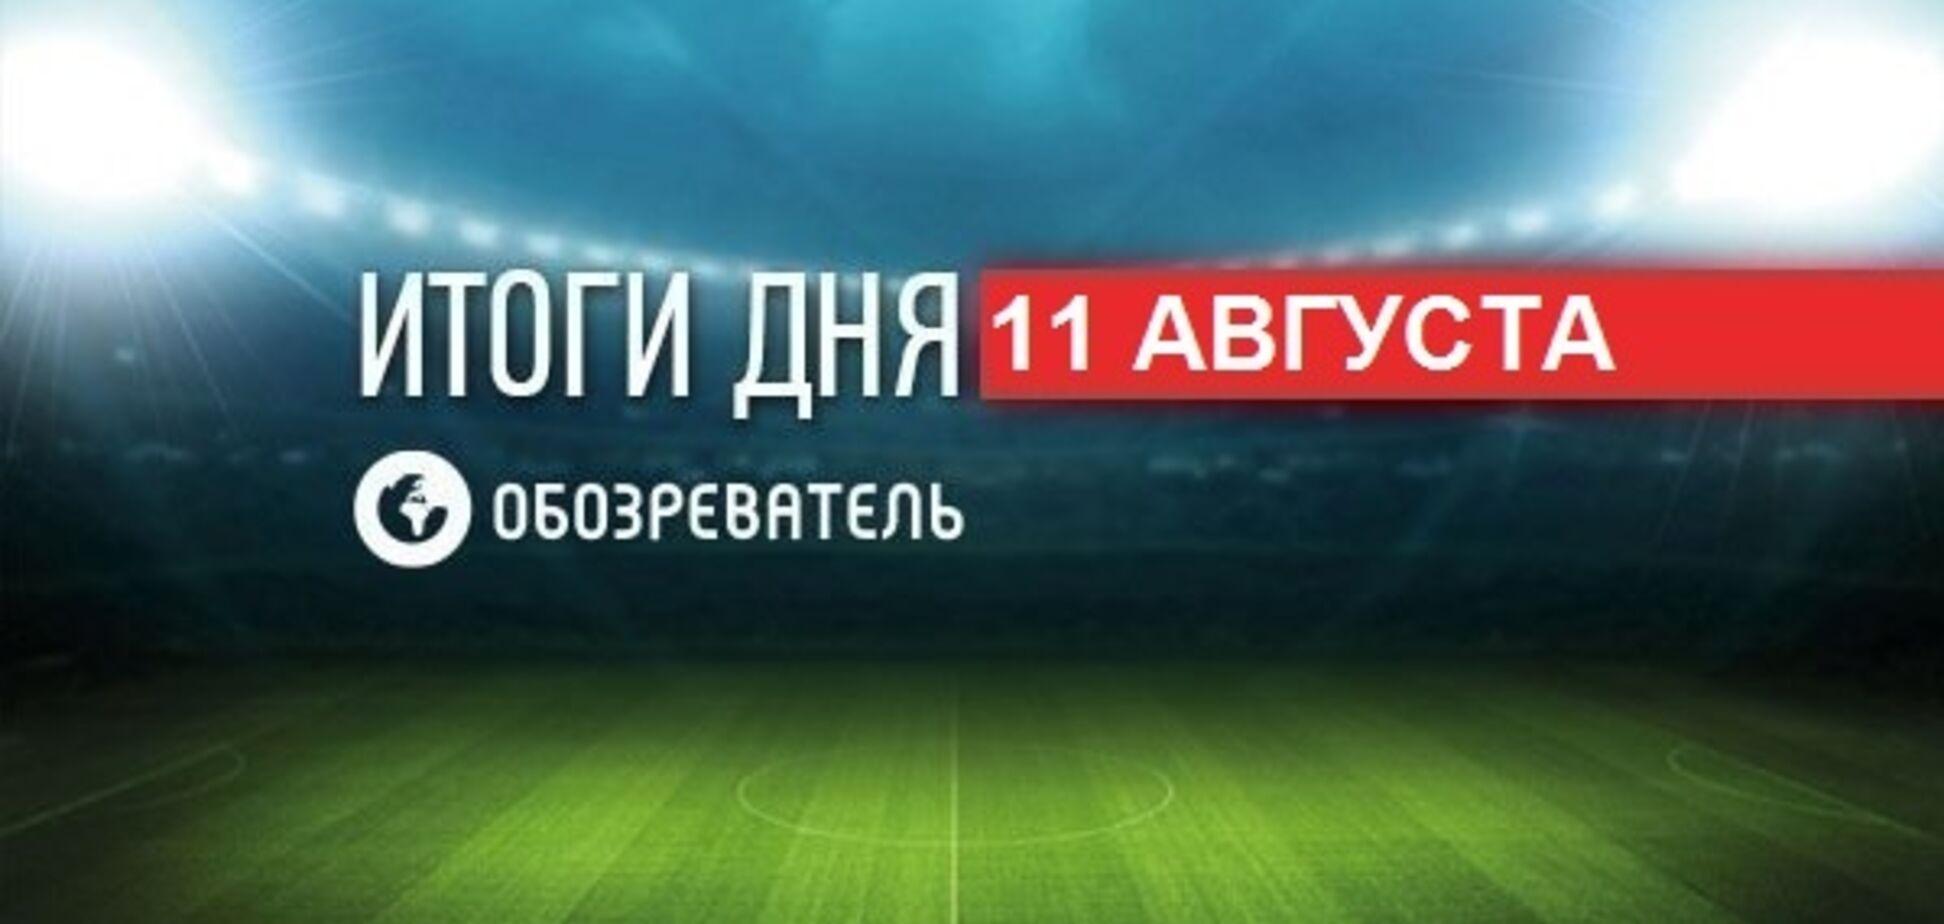 Украинский супертяж эффектно вырубил соперника: спортивные итоги 11 августа